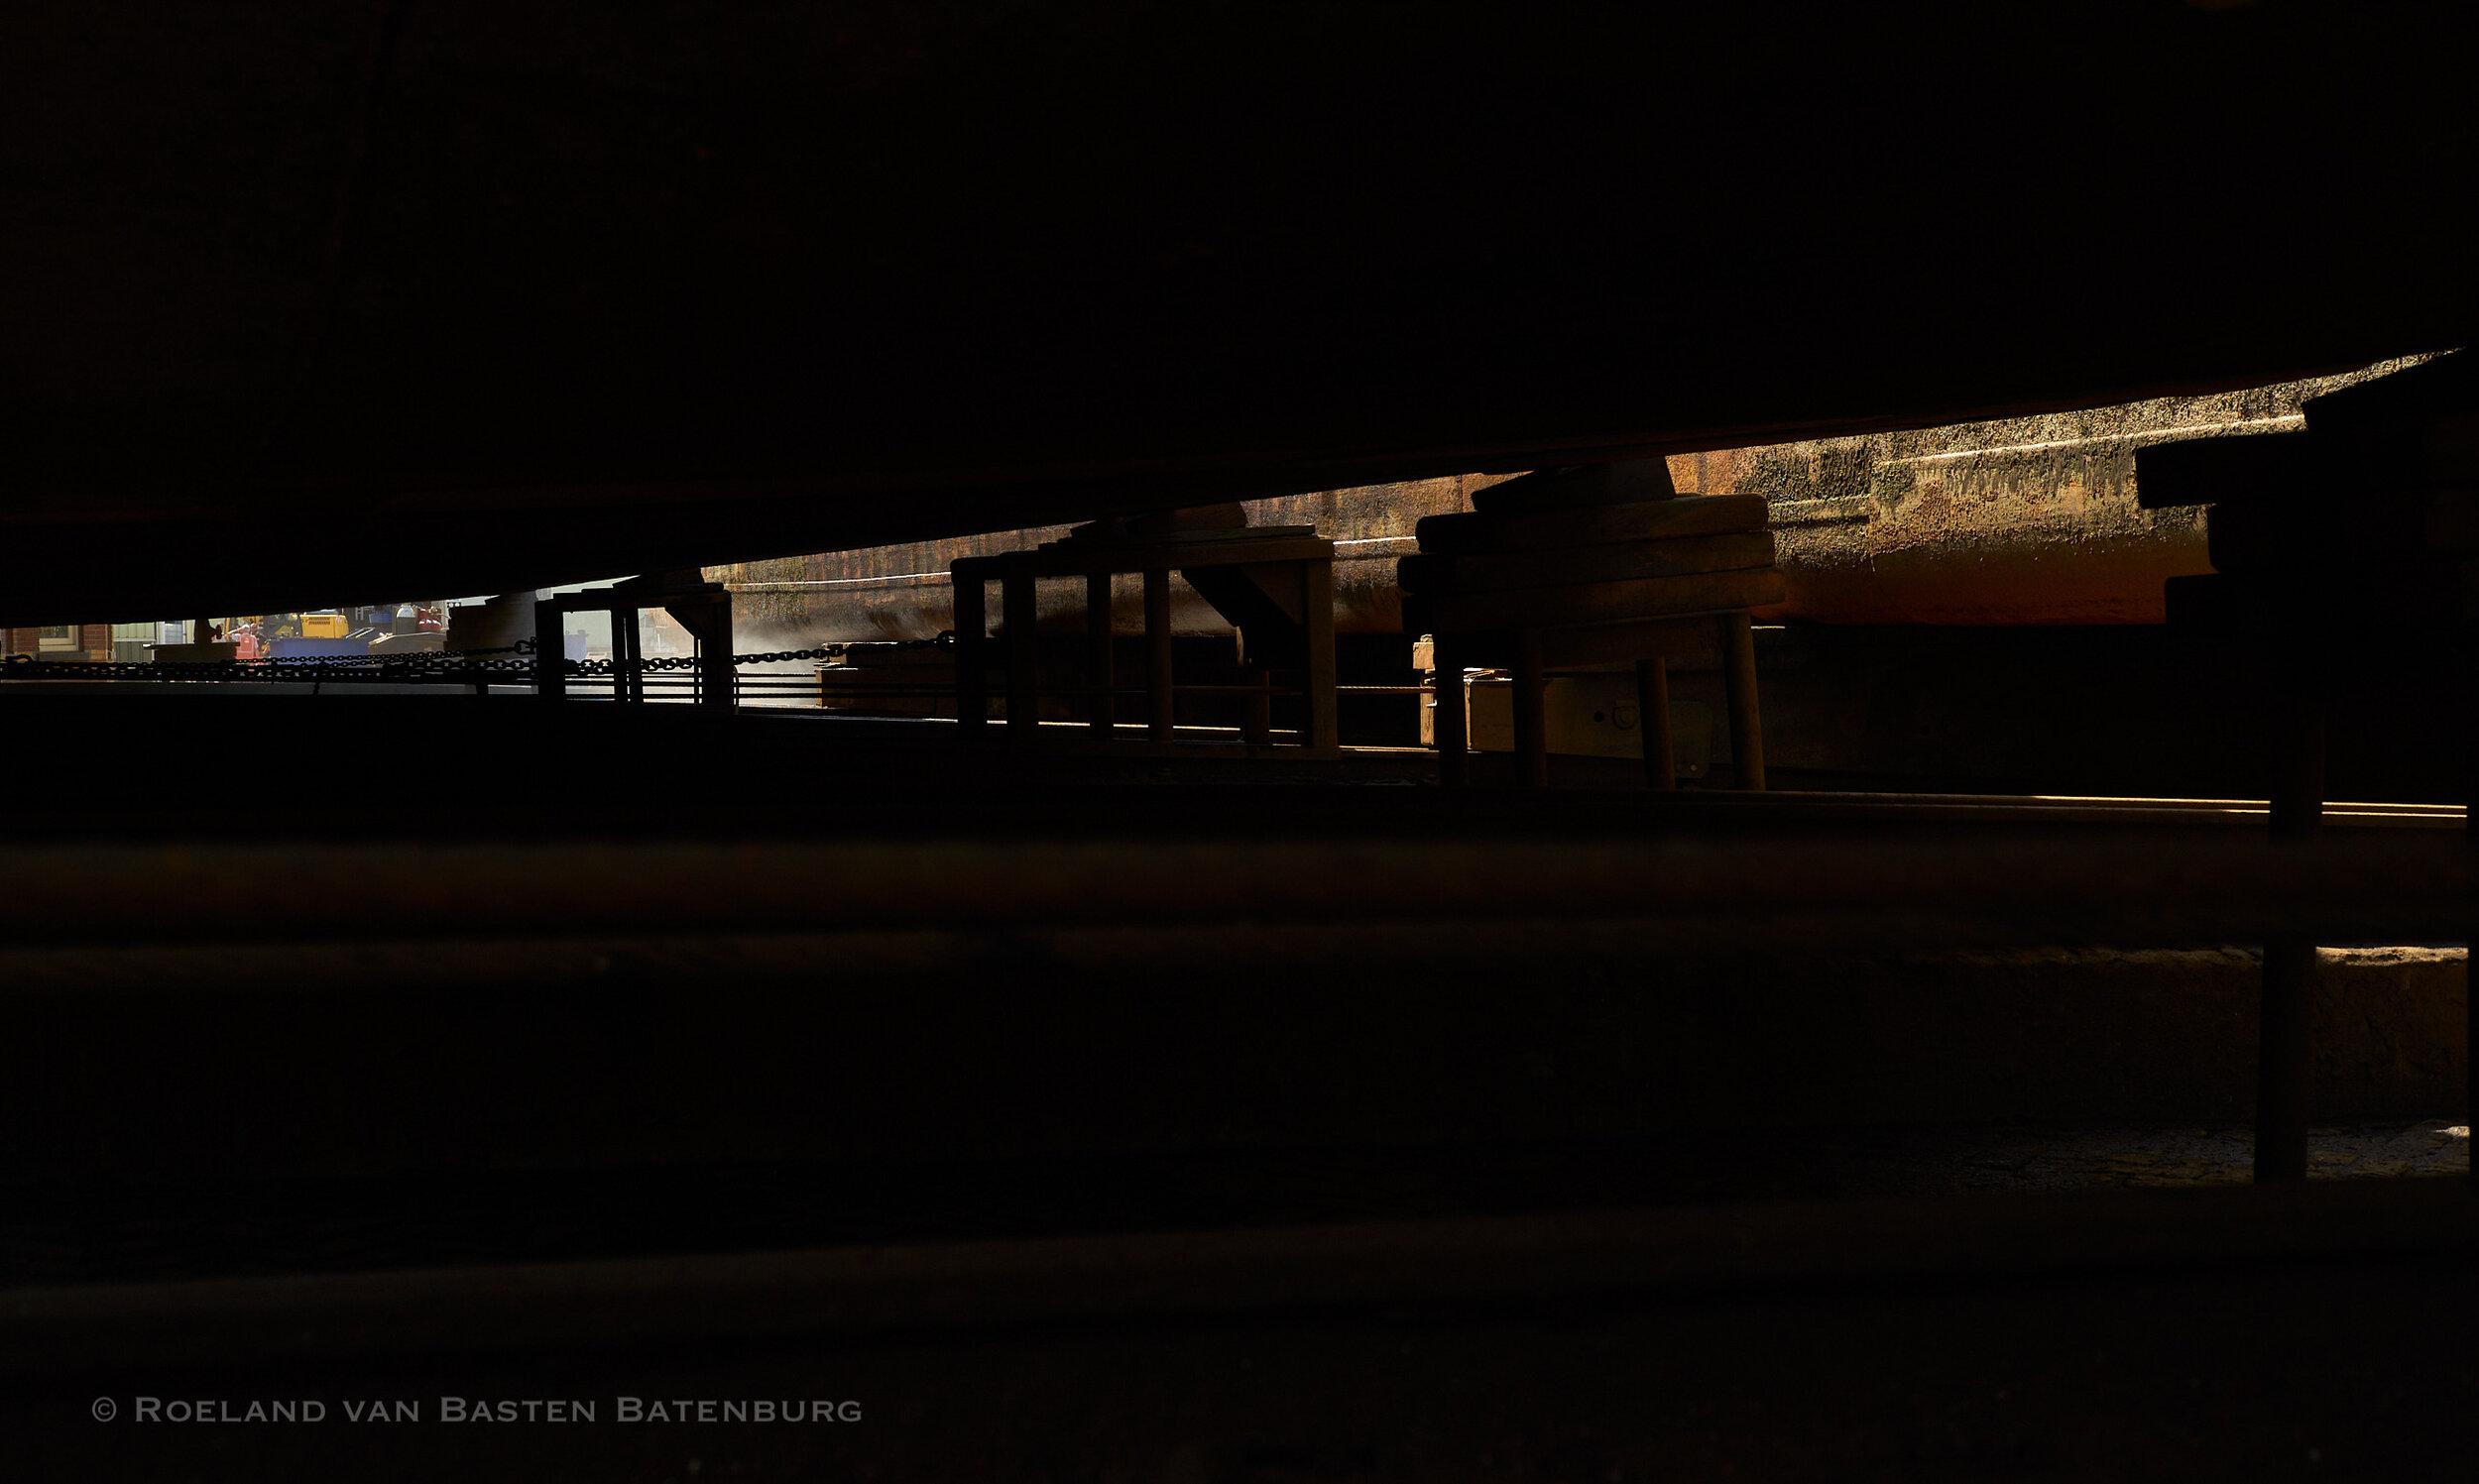 Onder het vlak van het schip door kijkend kunnen we de blokken zien waar het schip op staat en zien we het schip dat naast ons ligt